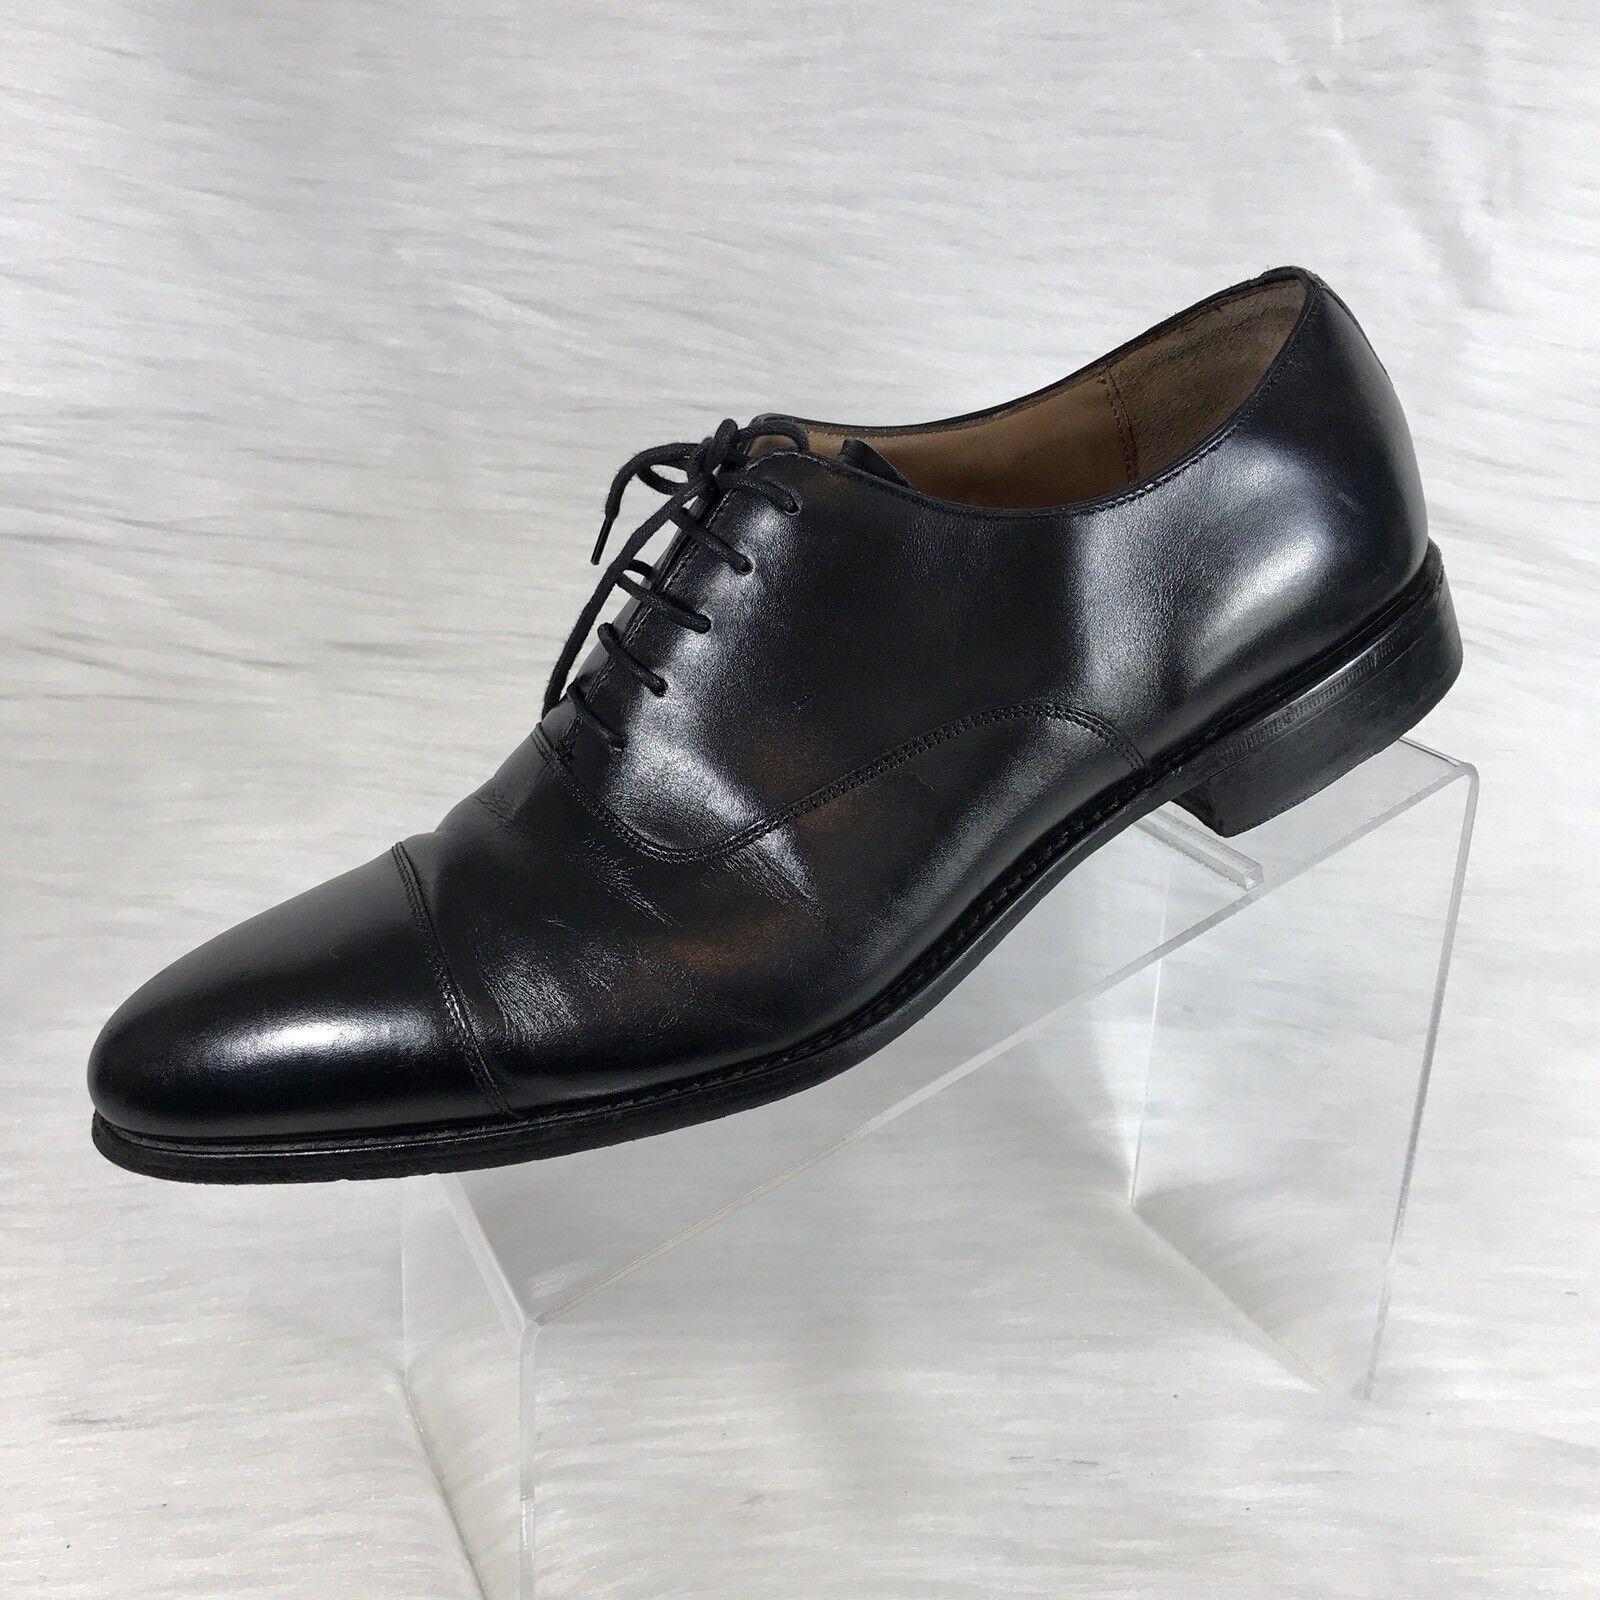 esclusivo LodinG LodinG LodinG Paris Uomo Oxford nero Leather Cap Toe Derby Dress scarpe Dimensione 11.5  comprare a buon mercato